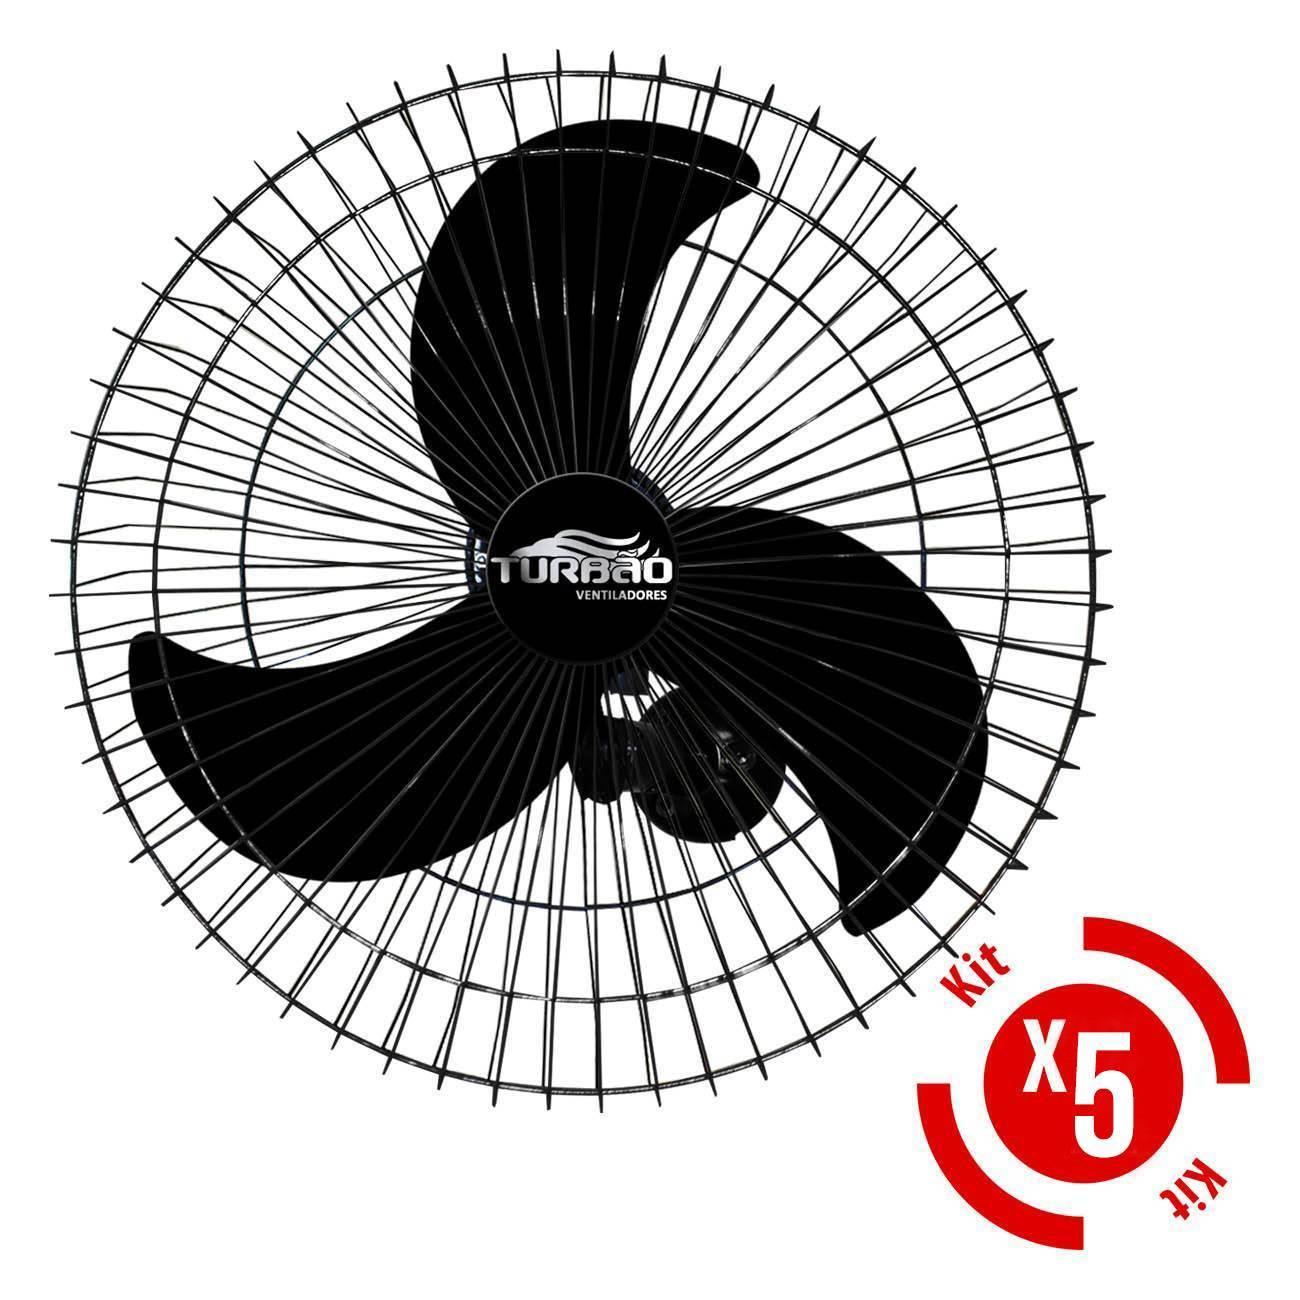 Kit 5 Ventiladores De Parede 60cm Oscilante Preto Turbão 200 - LCGELETRO